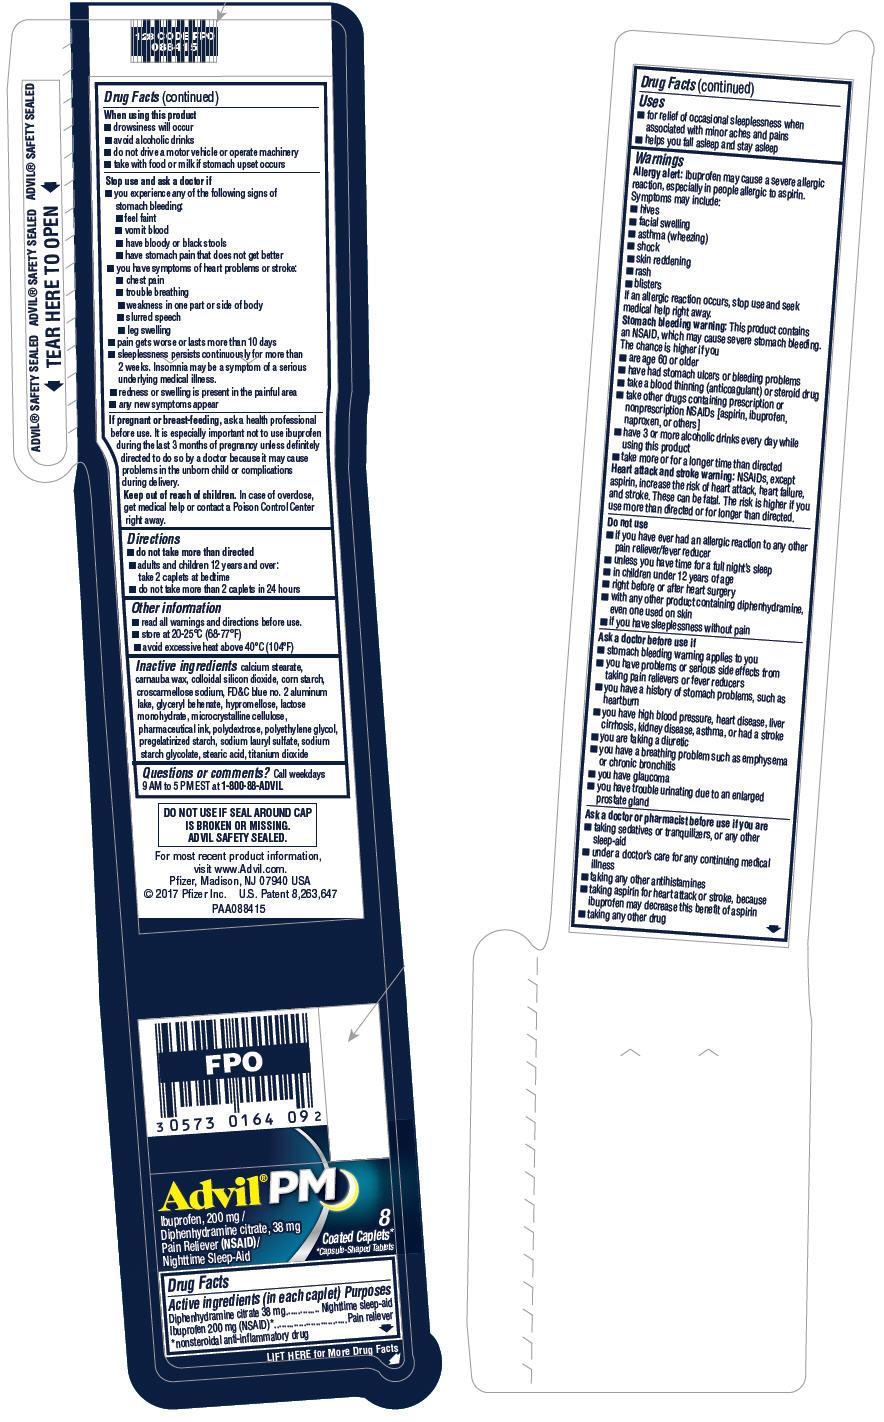 PRINCIPAL DISPLAY PANEL - 8 Caplet Vial - Loose